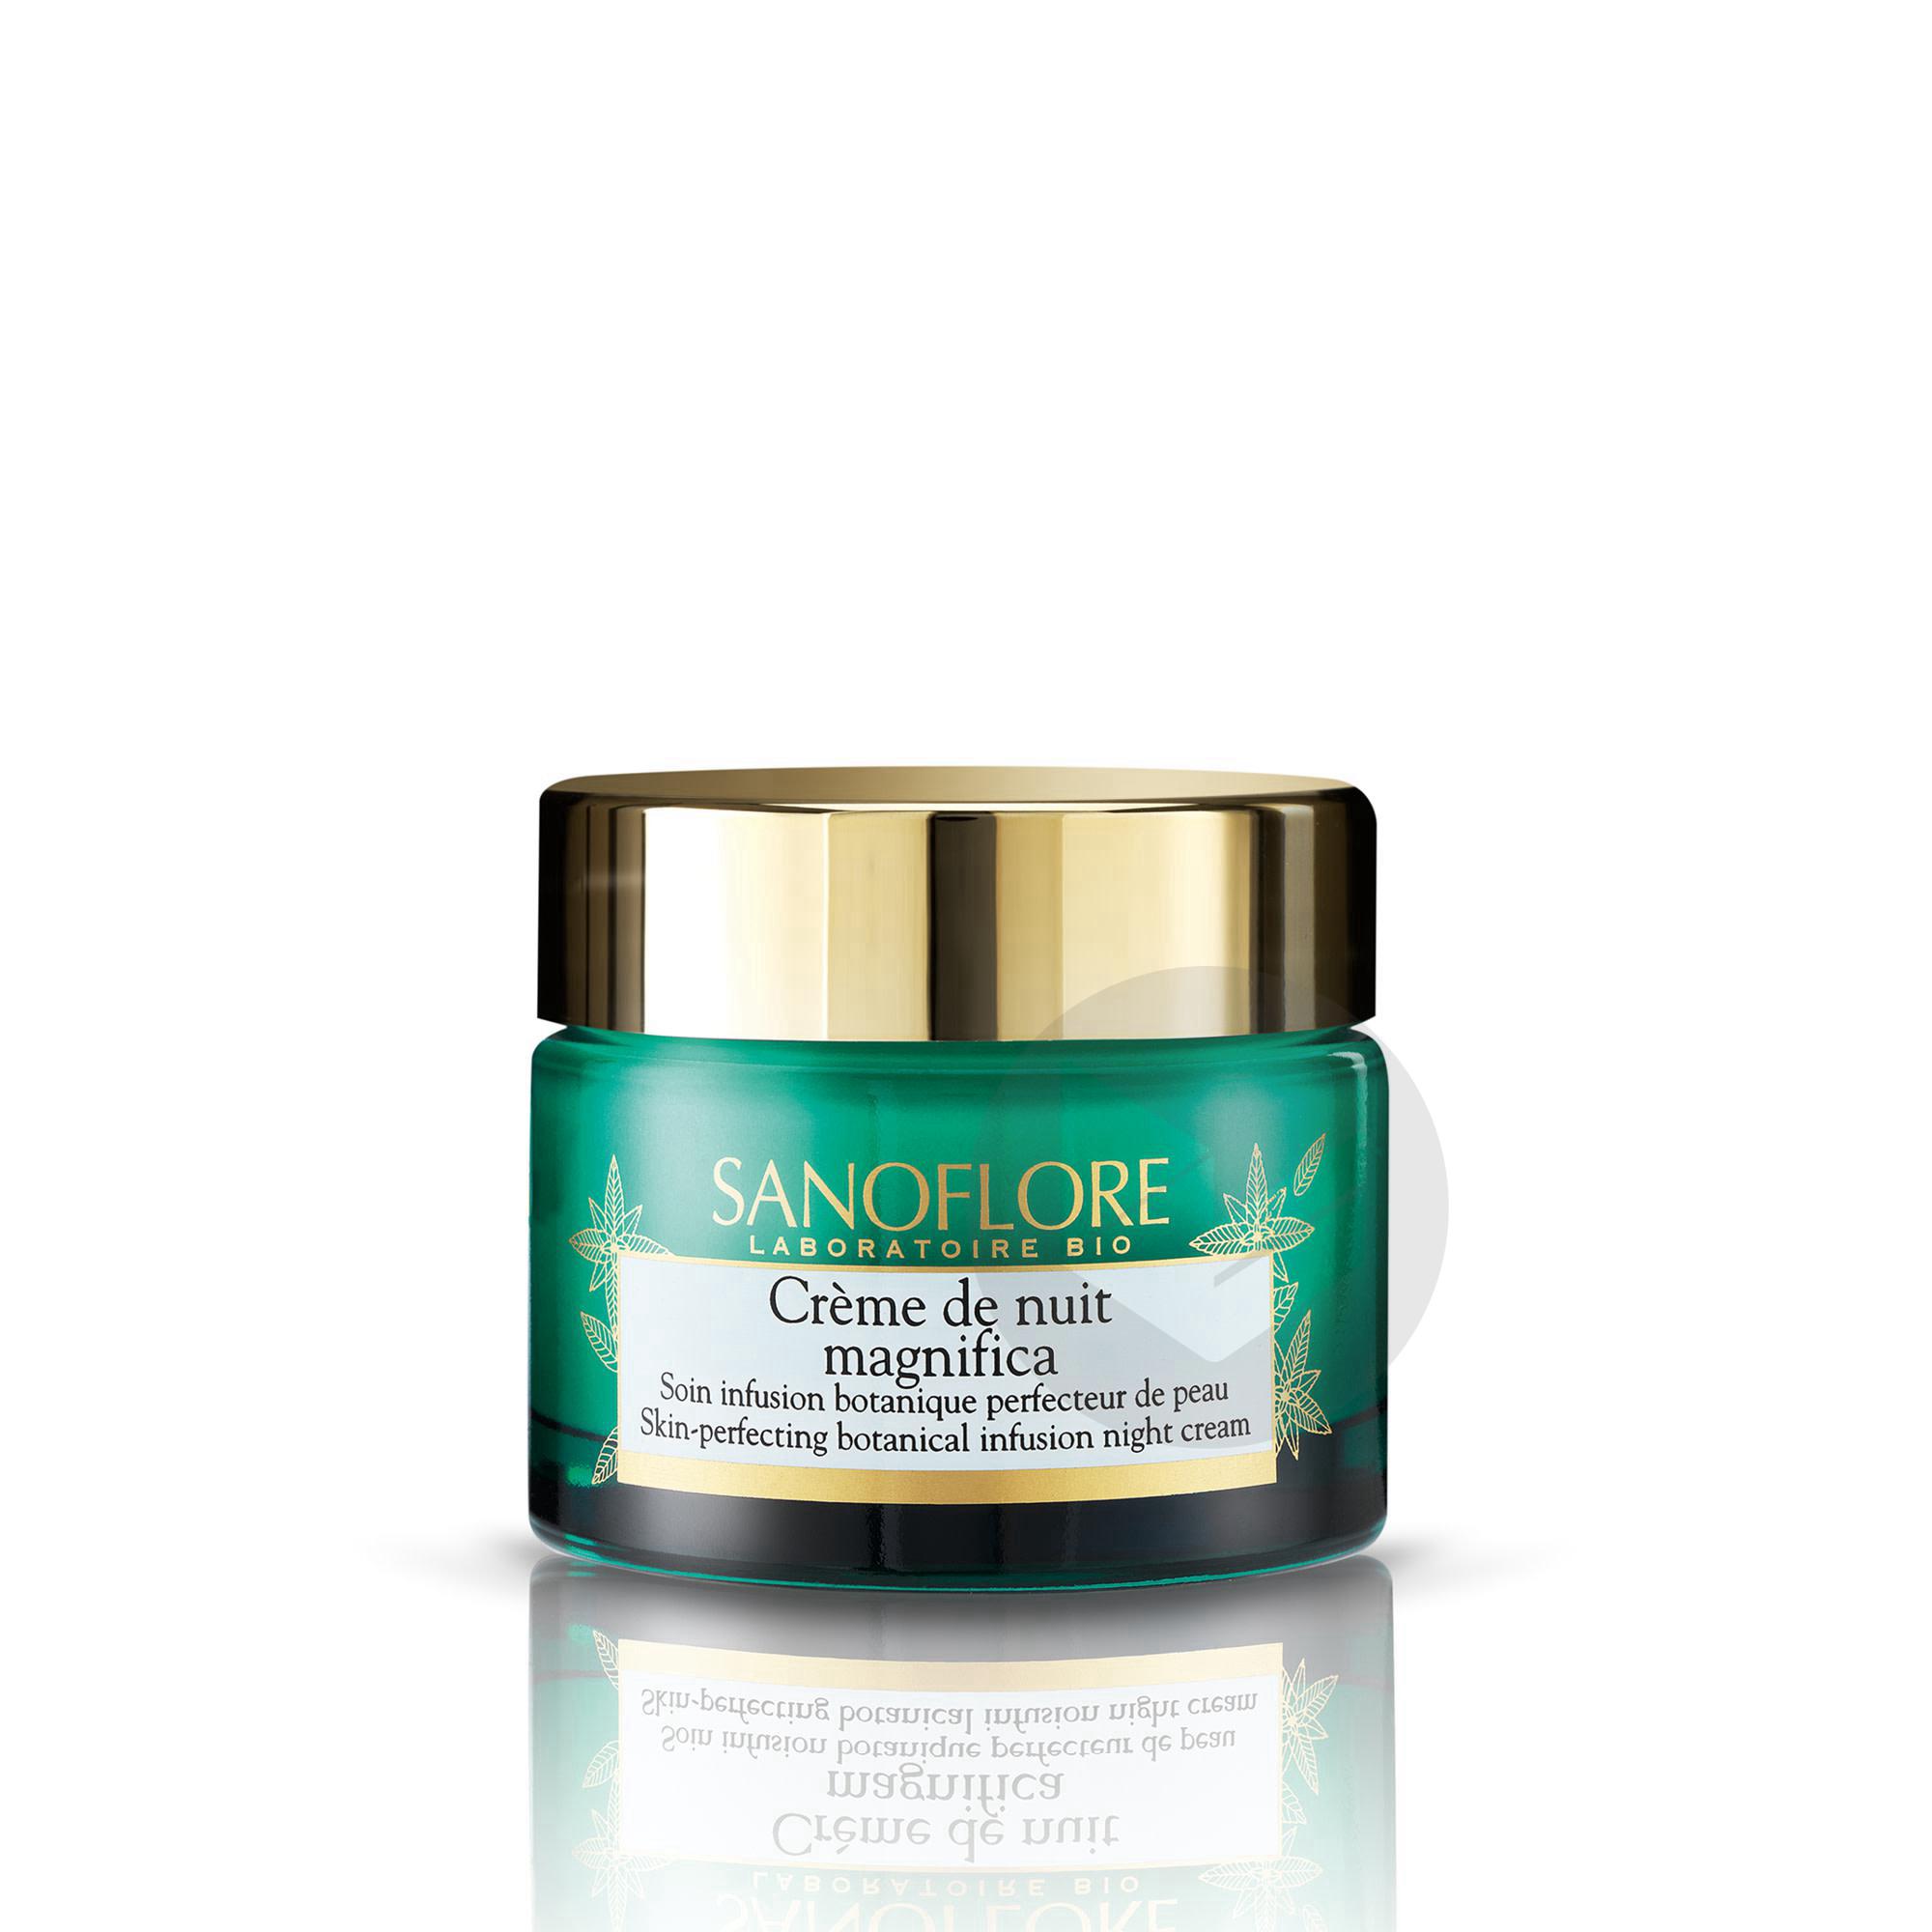 Magnifica Crème de nuit anti-imperfections 50 ml